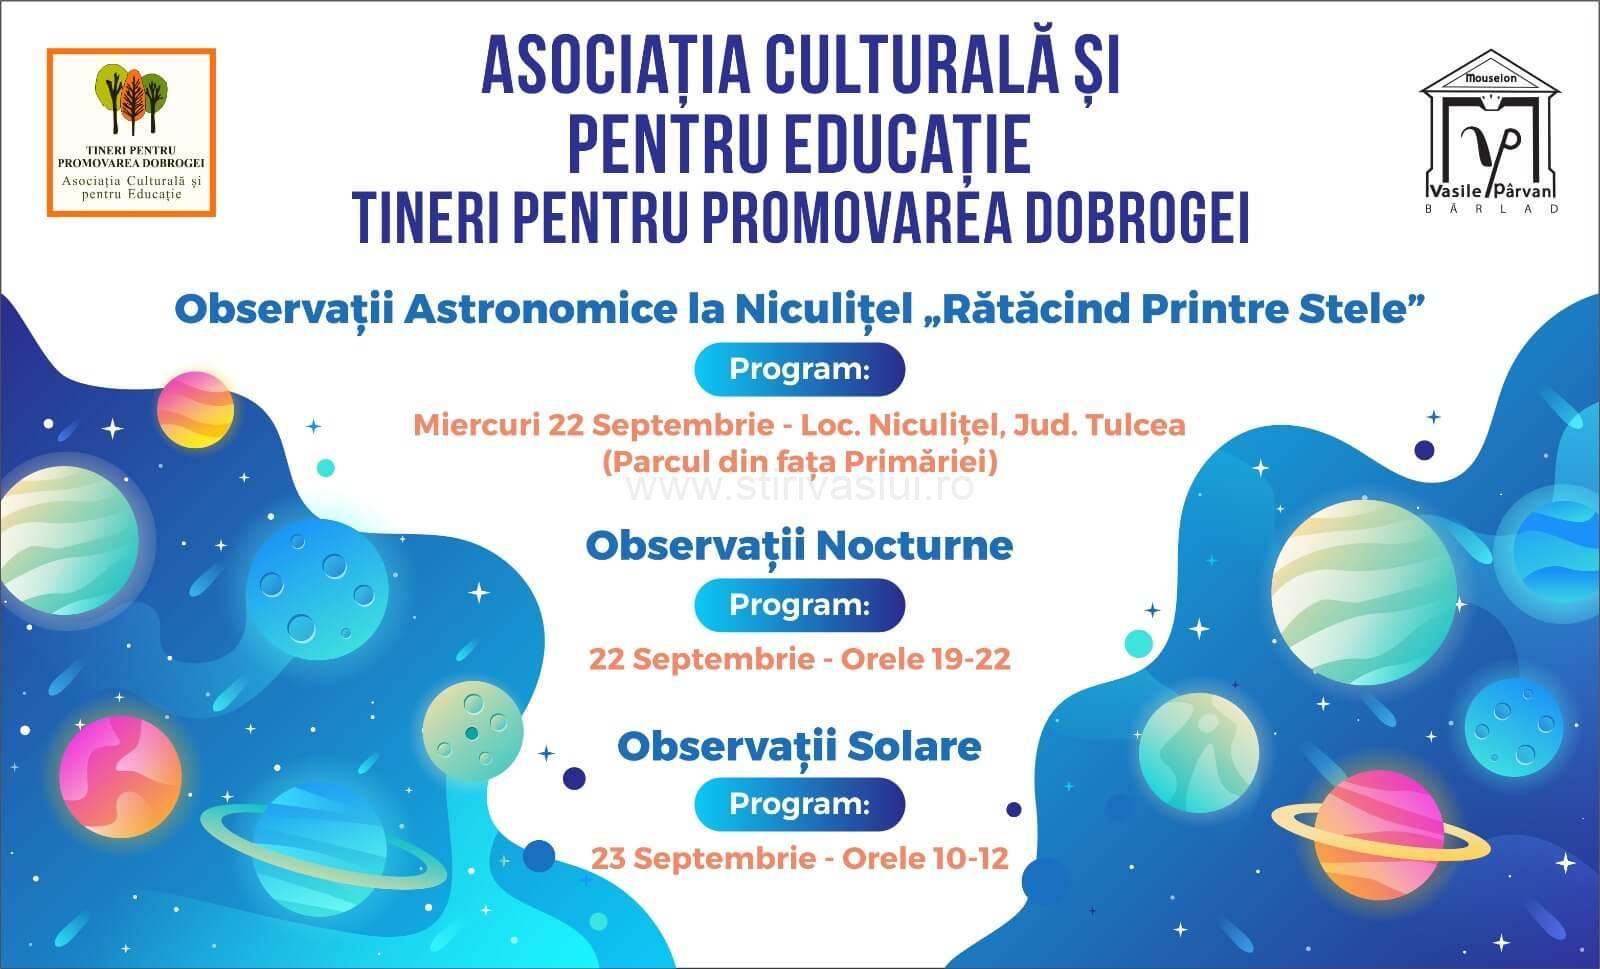 Observaţii astronomice cu telescopul de la Bârlad, în comuna Niculiţel